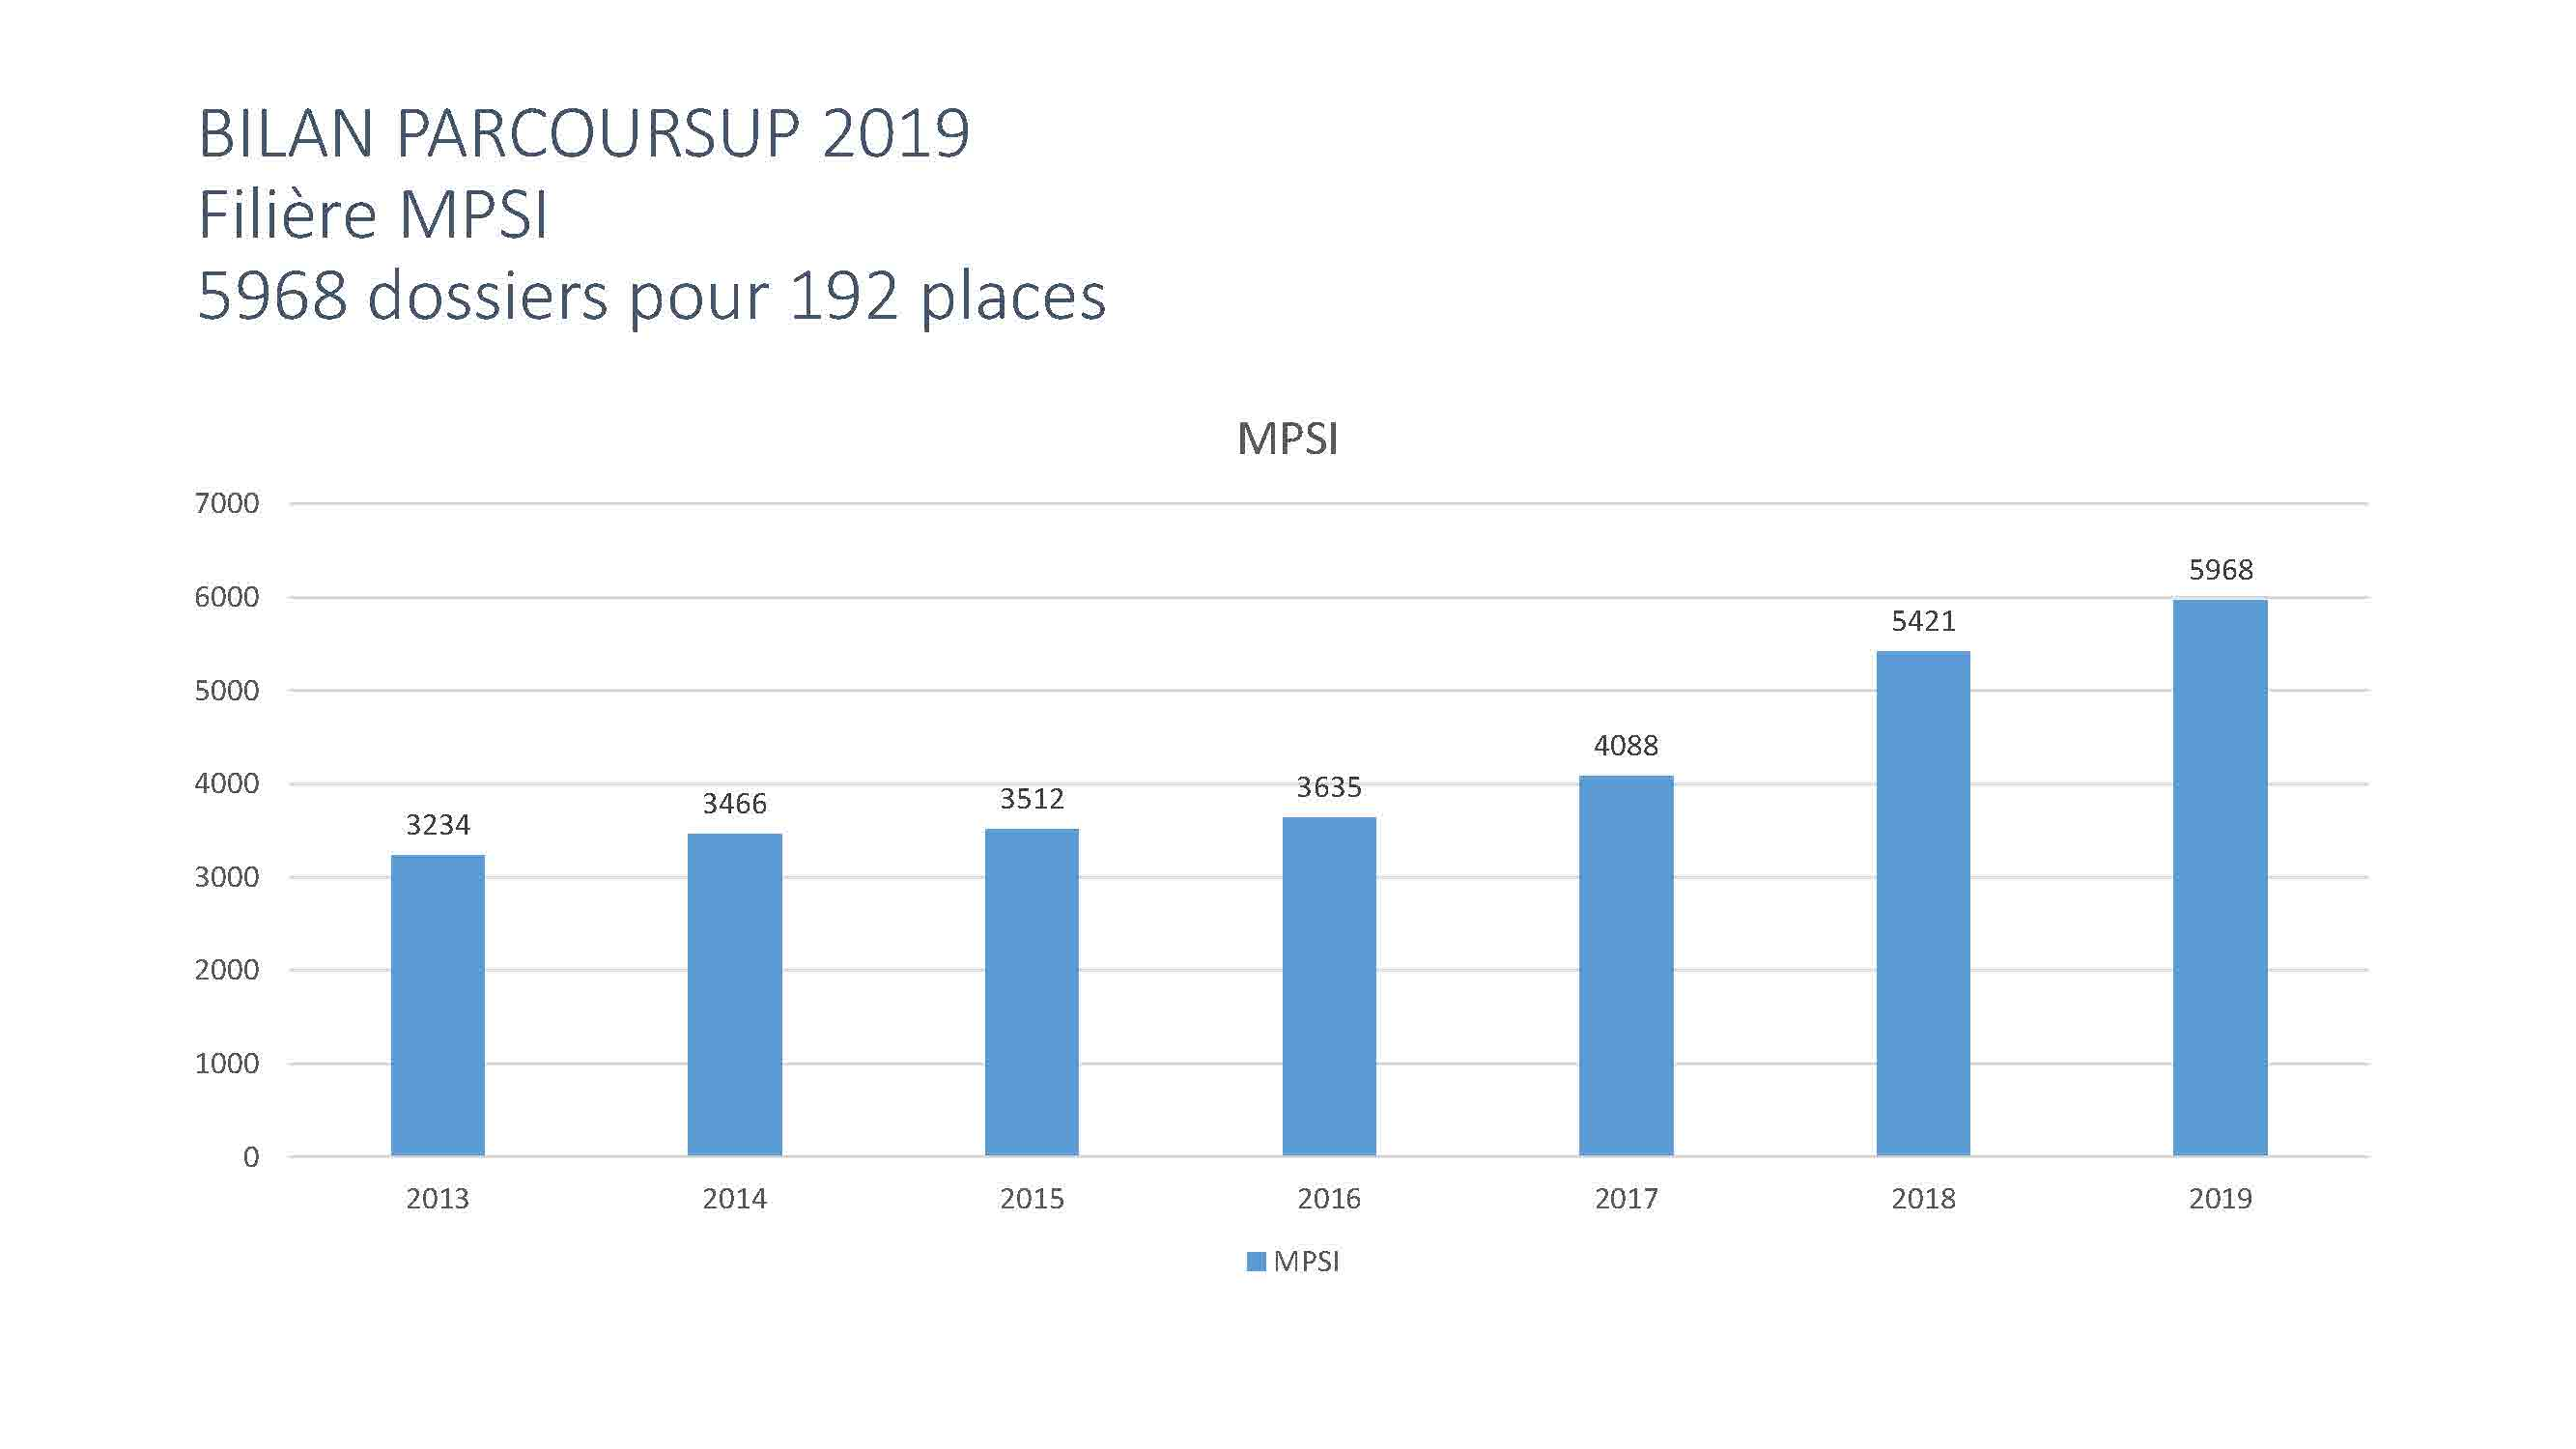 BILAN PARCOURSUP 2019_Page_07